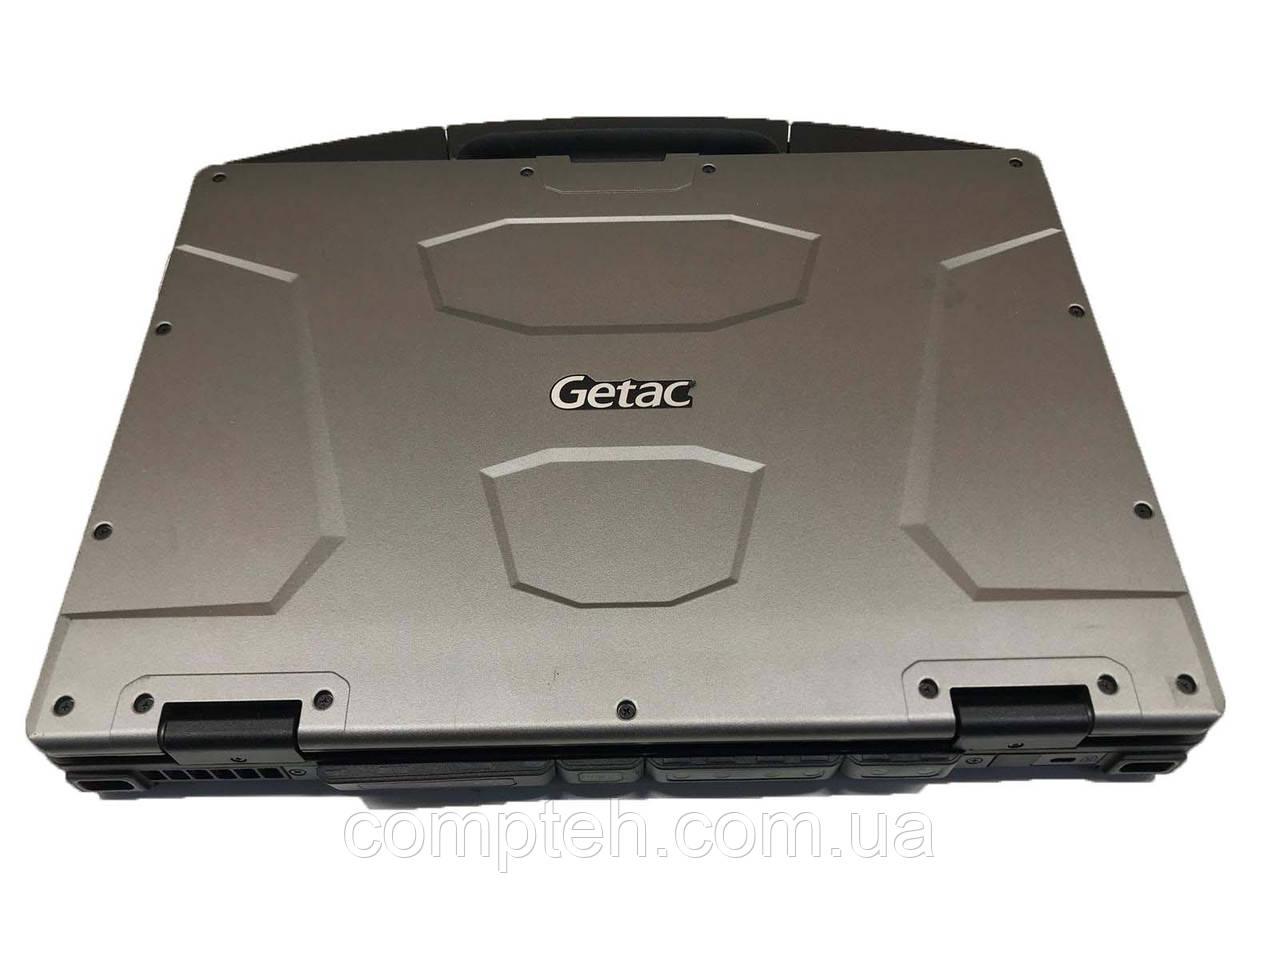 Ноутбук Getac S410